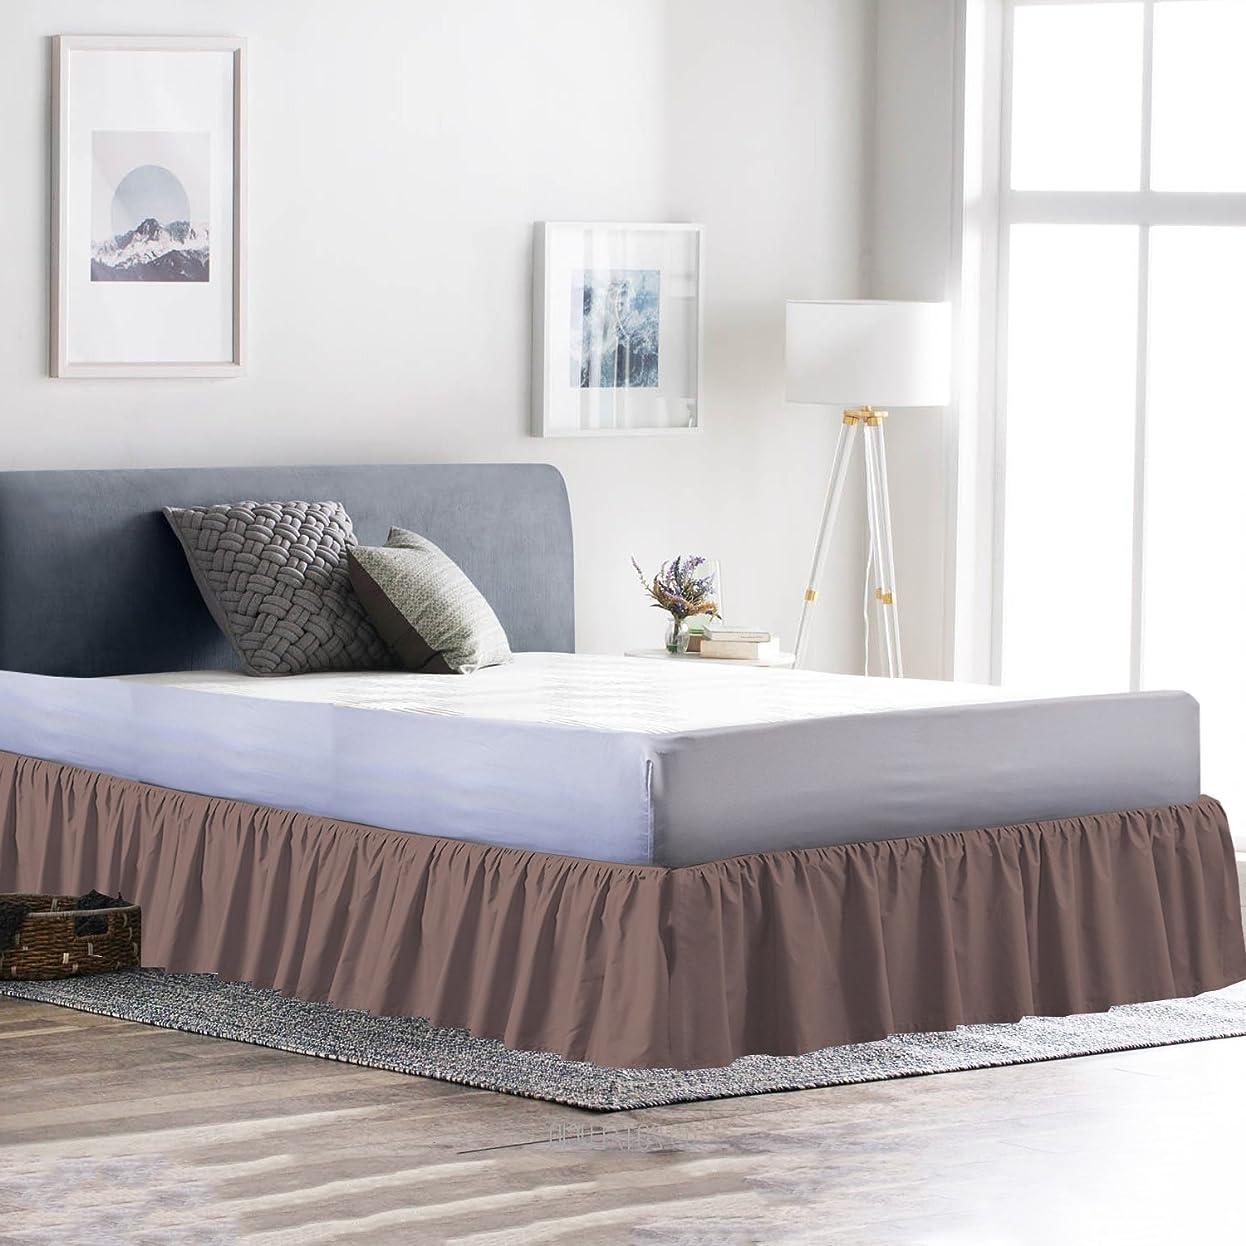 即席裁定厳フリル付きベッドスカート(カリフォルニアキング、キャメル) 14インチほこり用フリル付きプラットフォーム、しわ耐フェード(すべてのベッドで使用可能なサイズと16色)